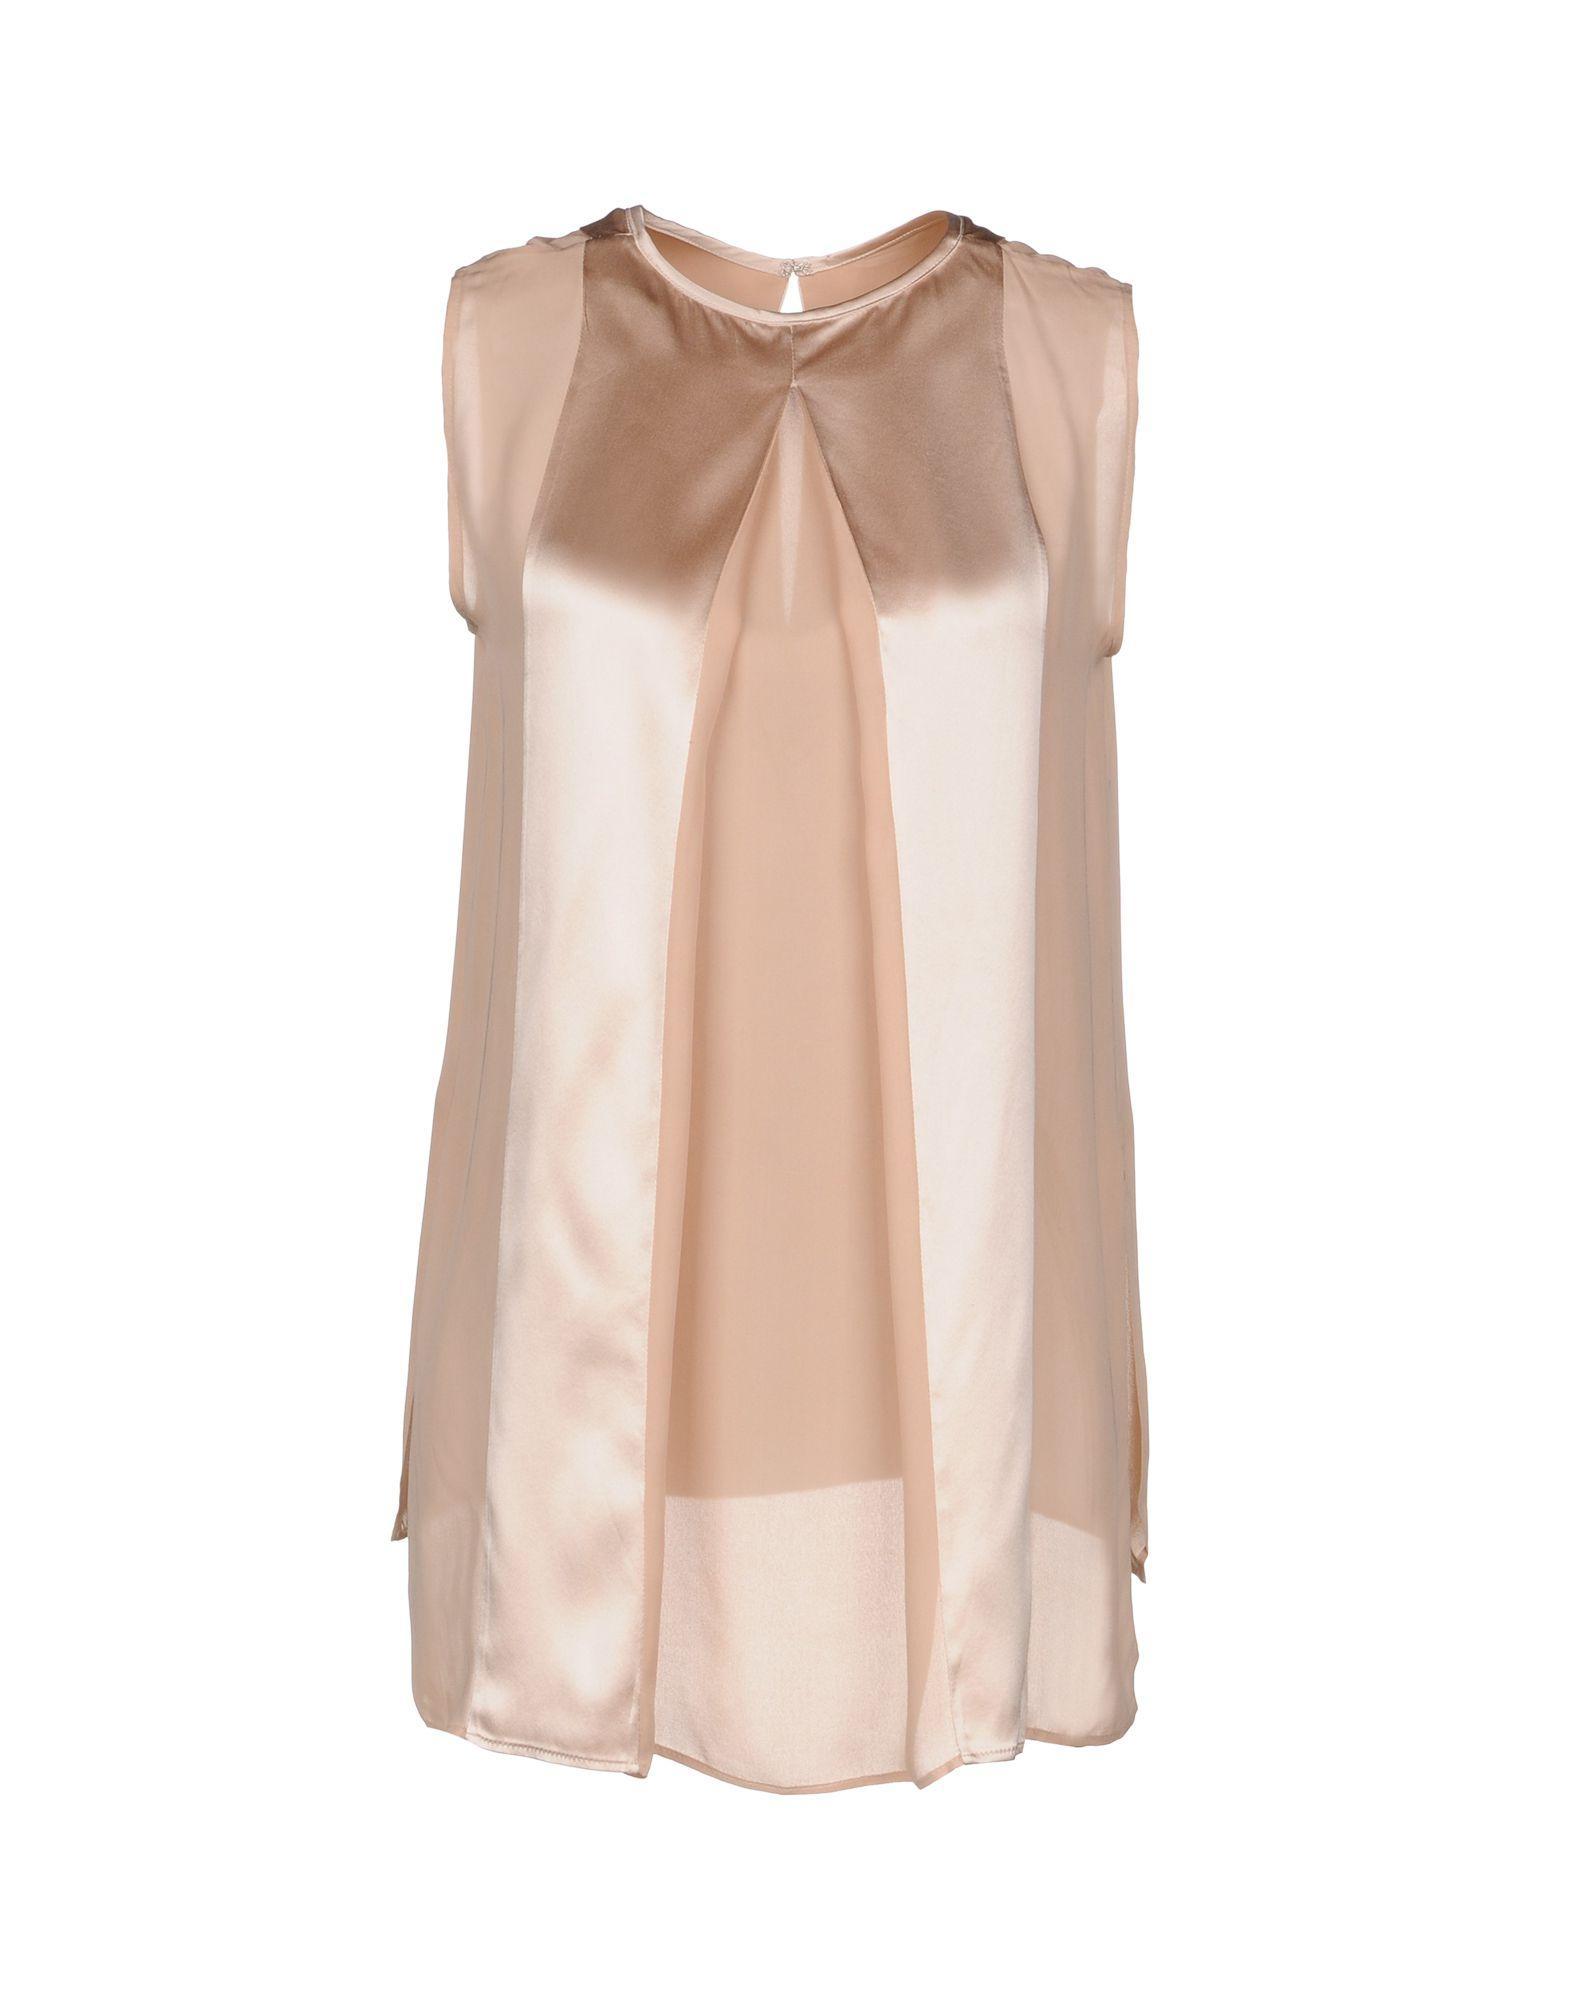 e2fe77e51e3d2 Adam Lippes Silk Top In Light Pink